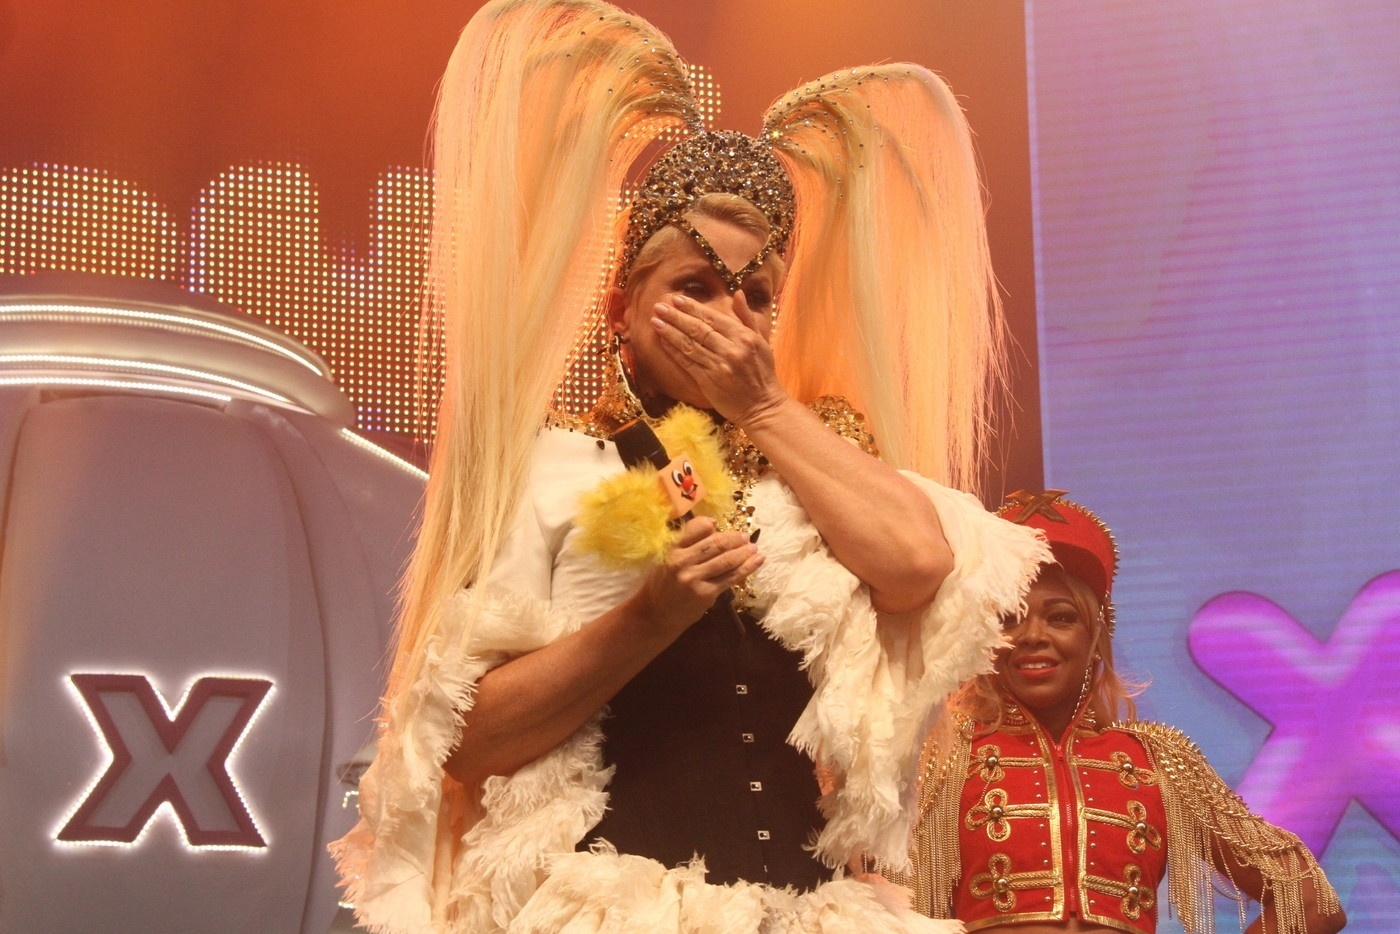 23.out.2016- Xuxa não conseguiu segurar a emoção na apresentação que fez no início da madrugada deste domingo (23) em uma casa de espetáculos, na Zona Sul do Rio de Janeiro. O show